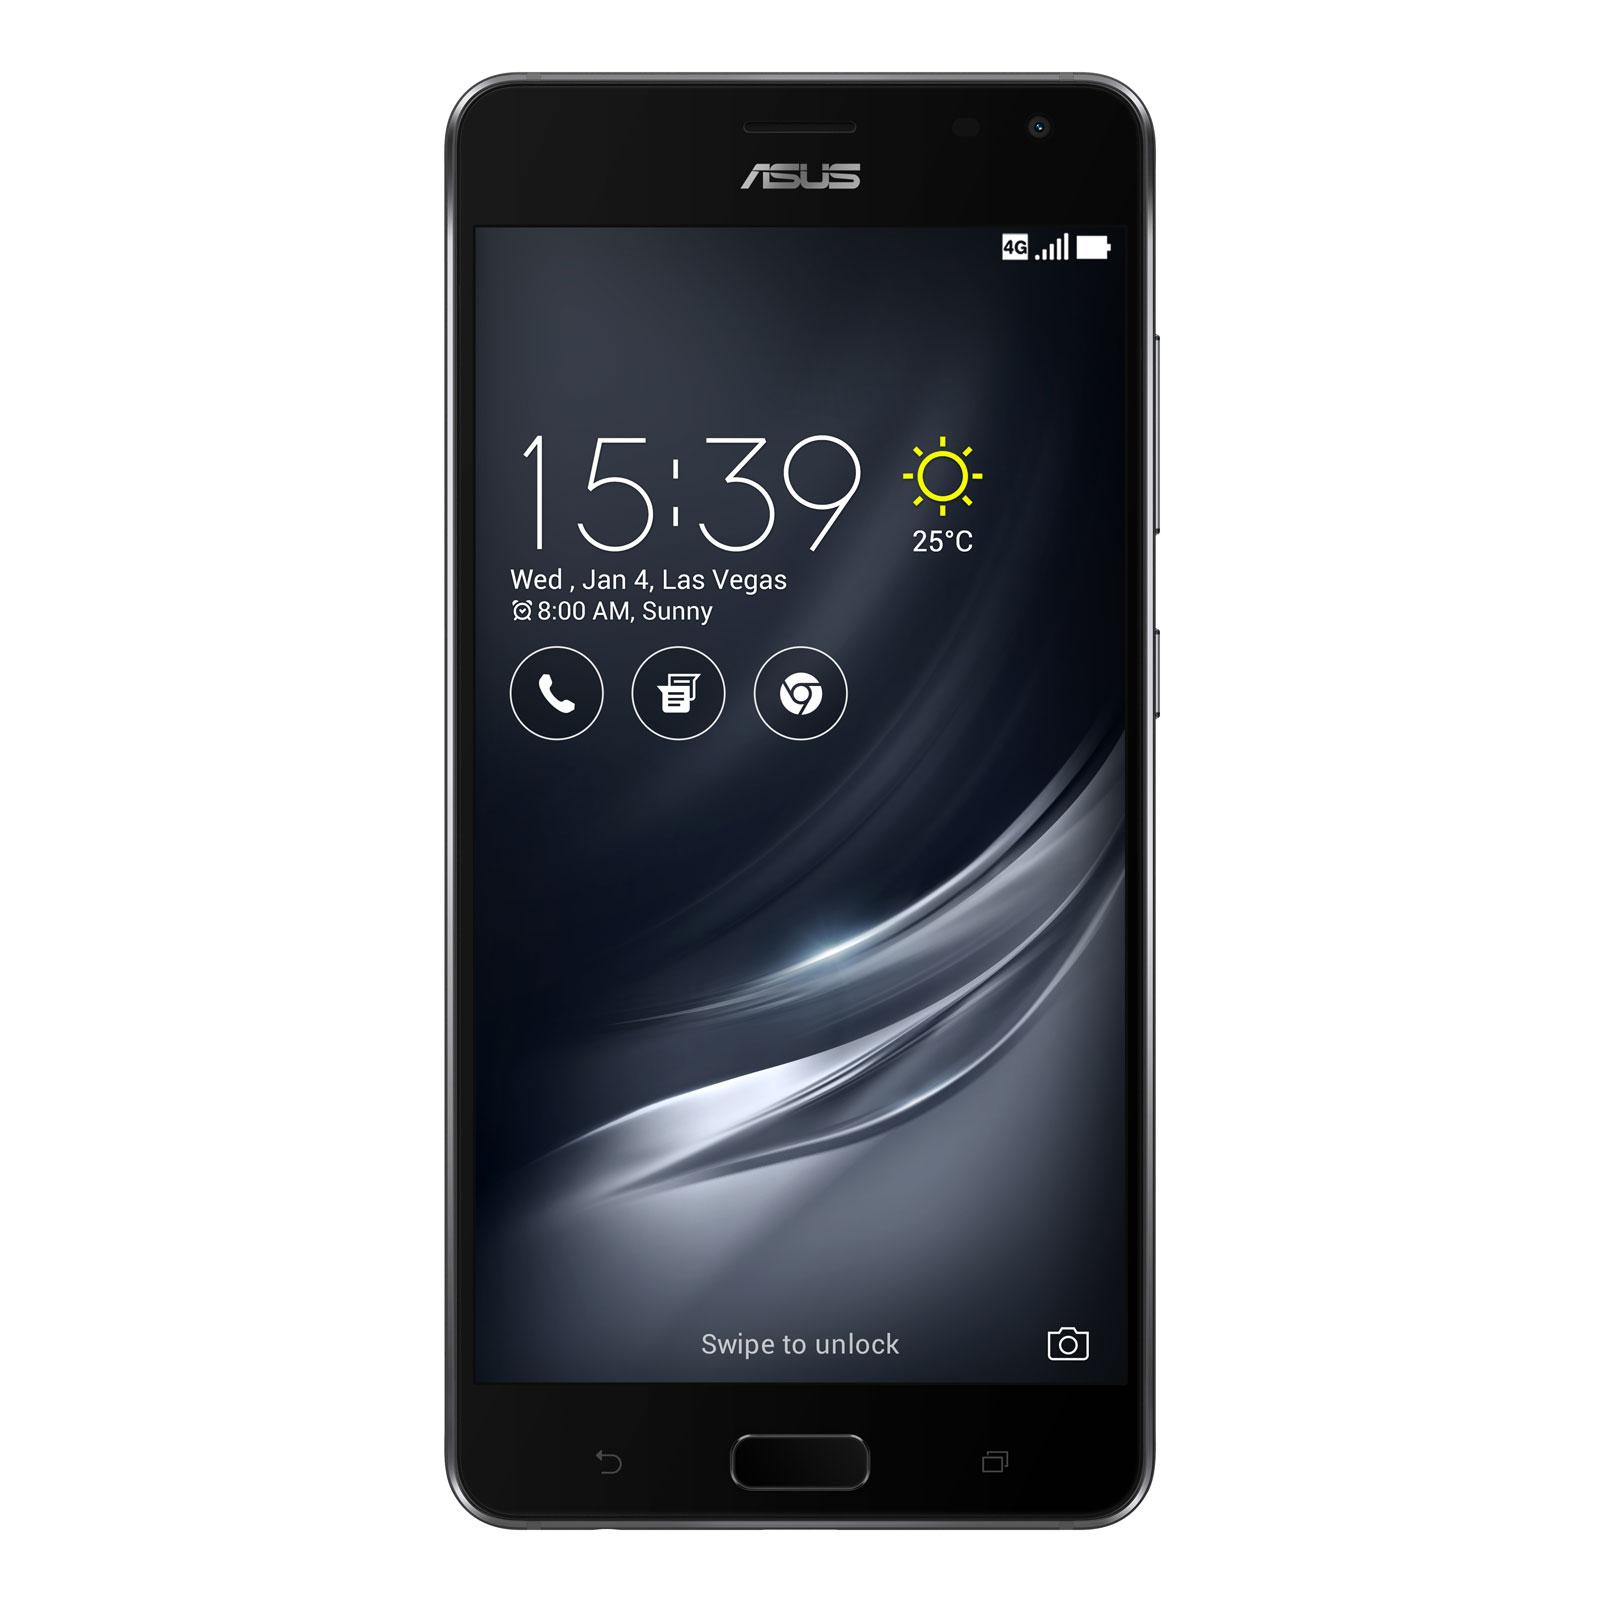 """Mobile & smartphone ASUS ZenFone AR ZS571KL Noir Smartphone 4G-LTE Advanced Dual SIM - Snapdragon 821 Quad-Core 2.35 GHz - RAM 6 Go - Ecran tactile 5.7"""" 1440 x 2560 - 128 Go - NFC/Bluetooth 4.2 - 3300 mAh - Android 7.0"""